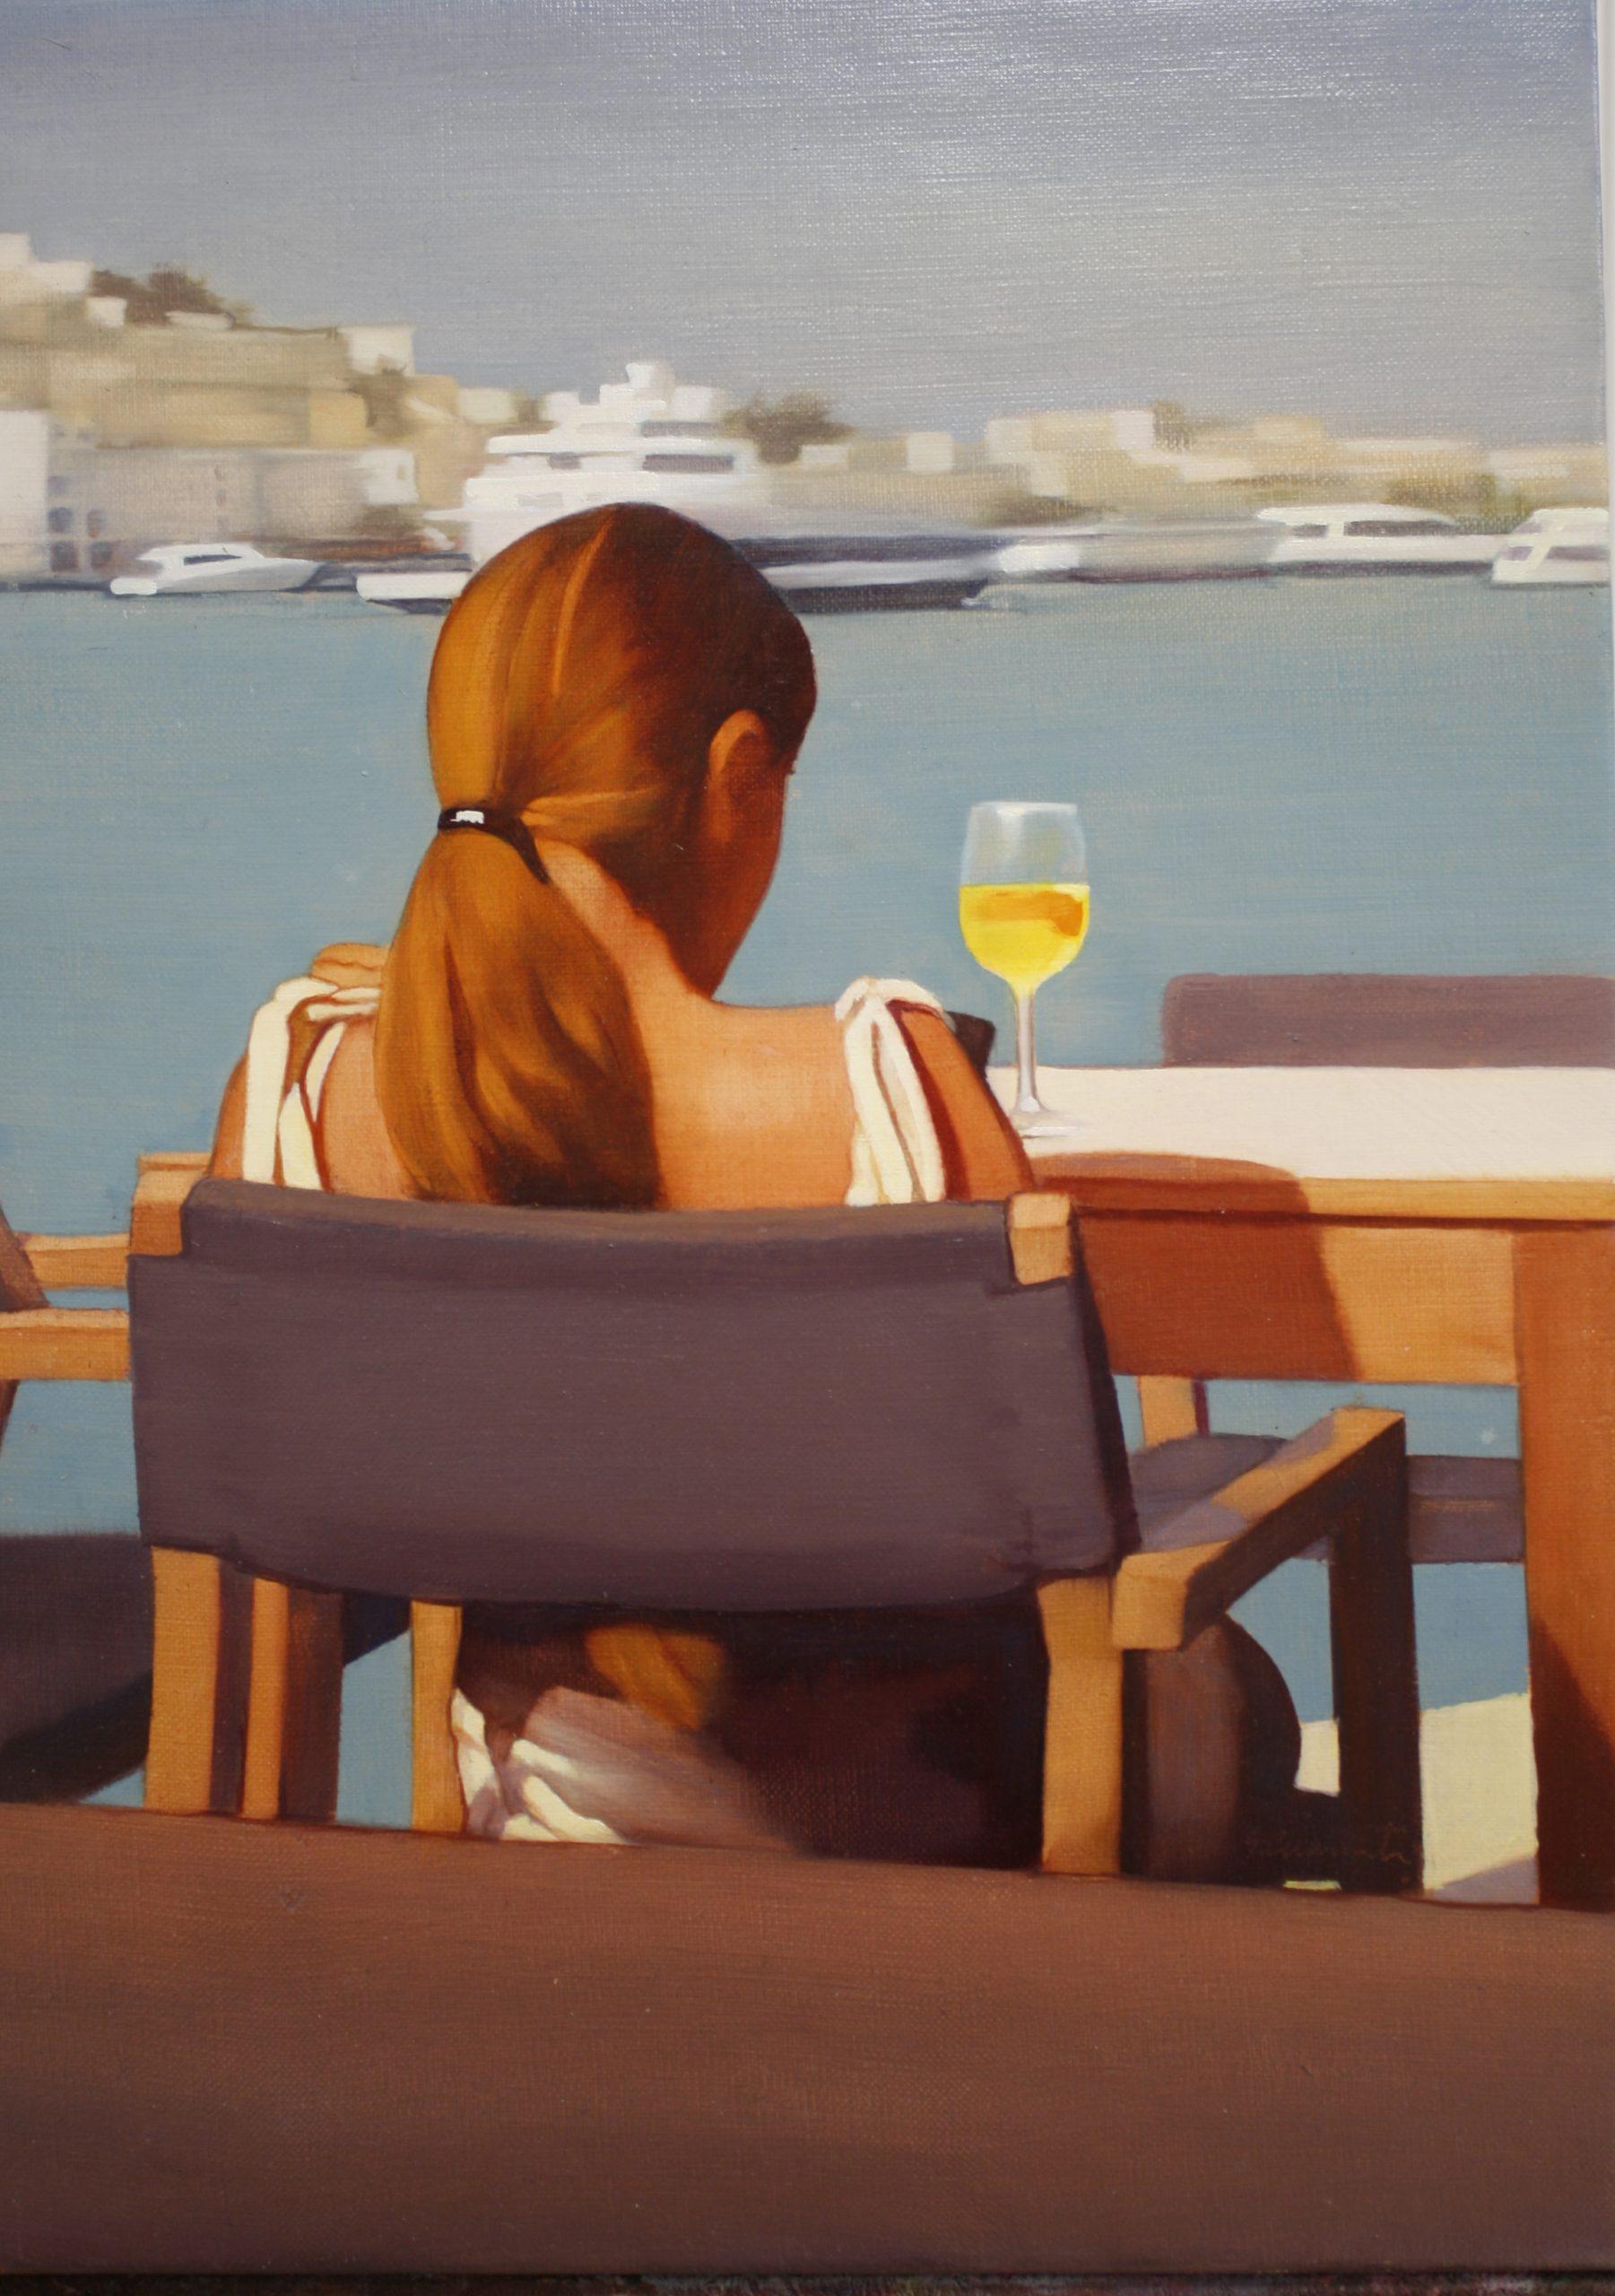 JMC56 José María Cuasante Sin título óleo sobre lienzo 46 x 33 cm 2019